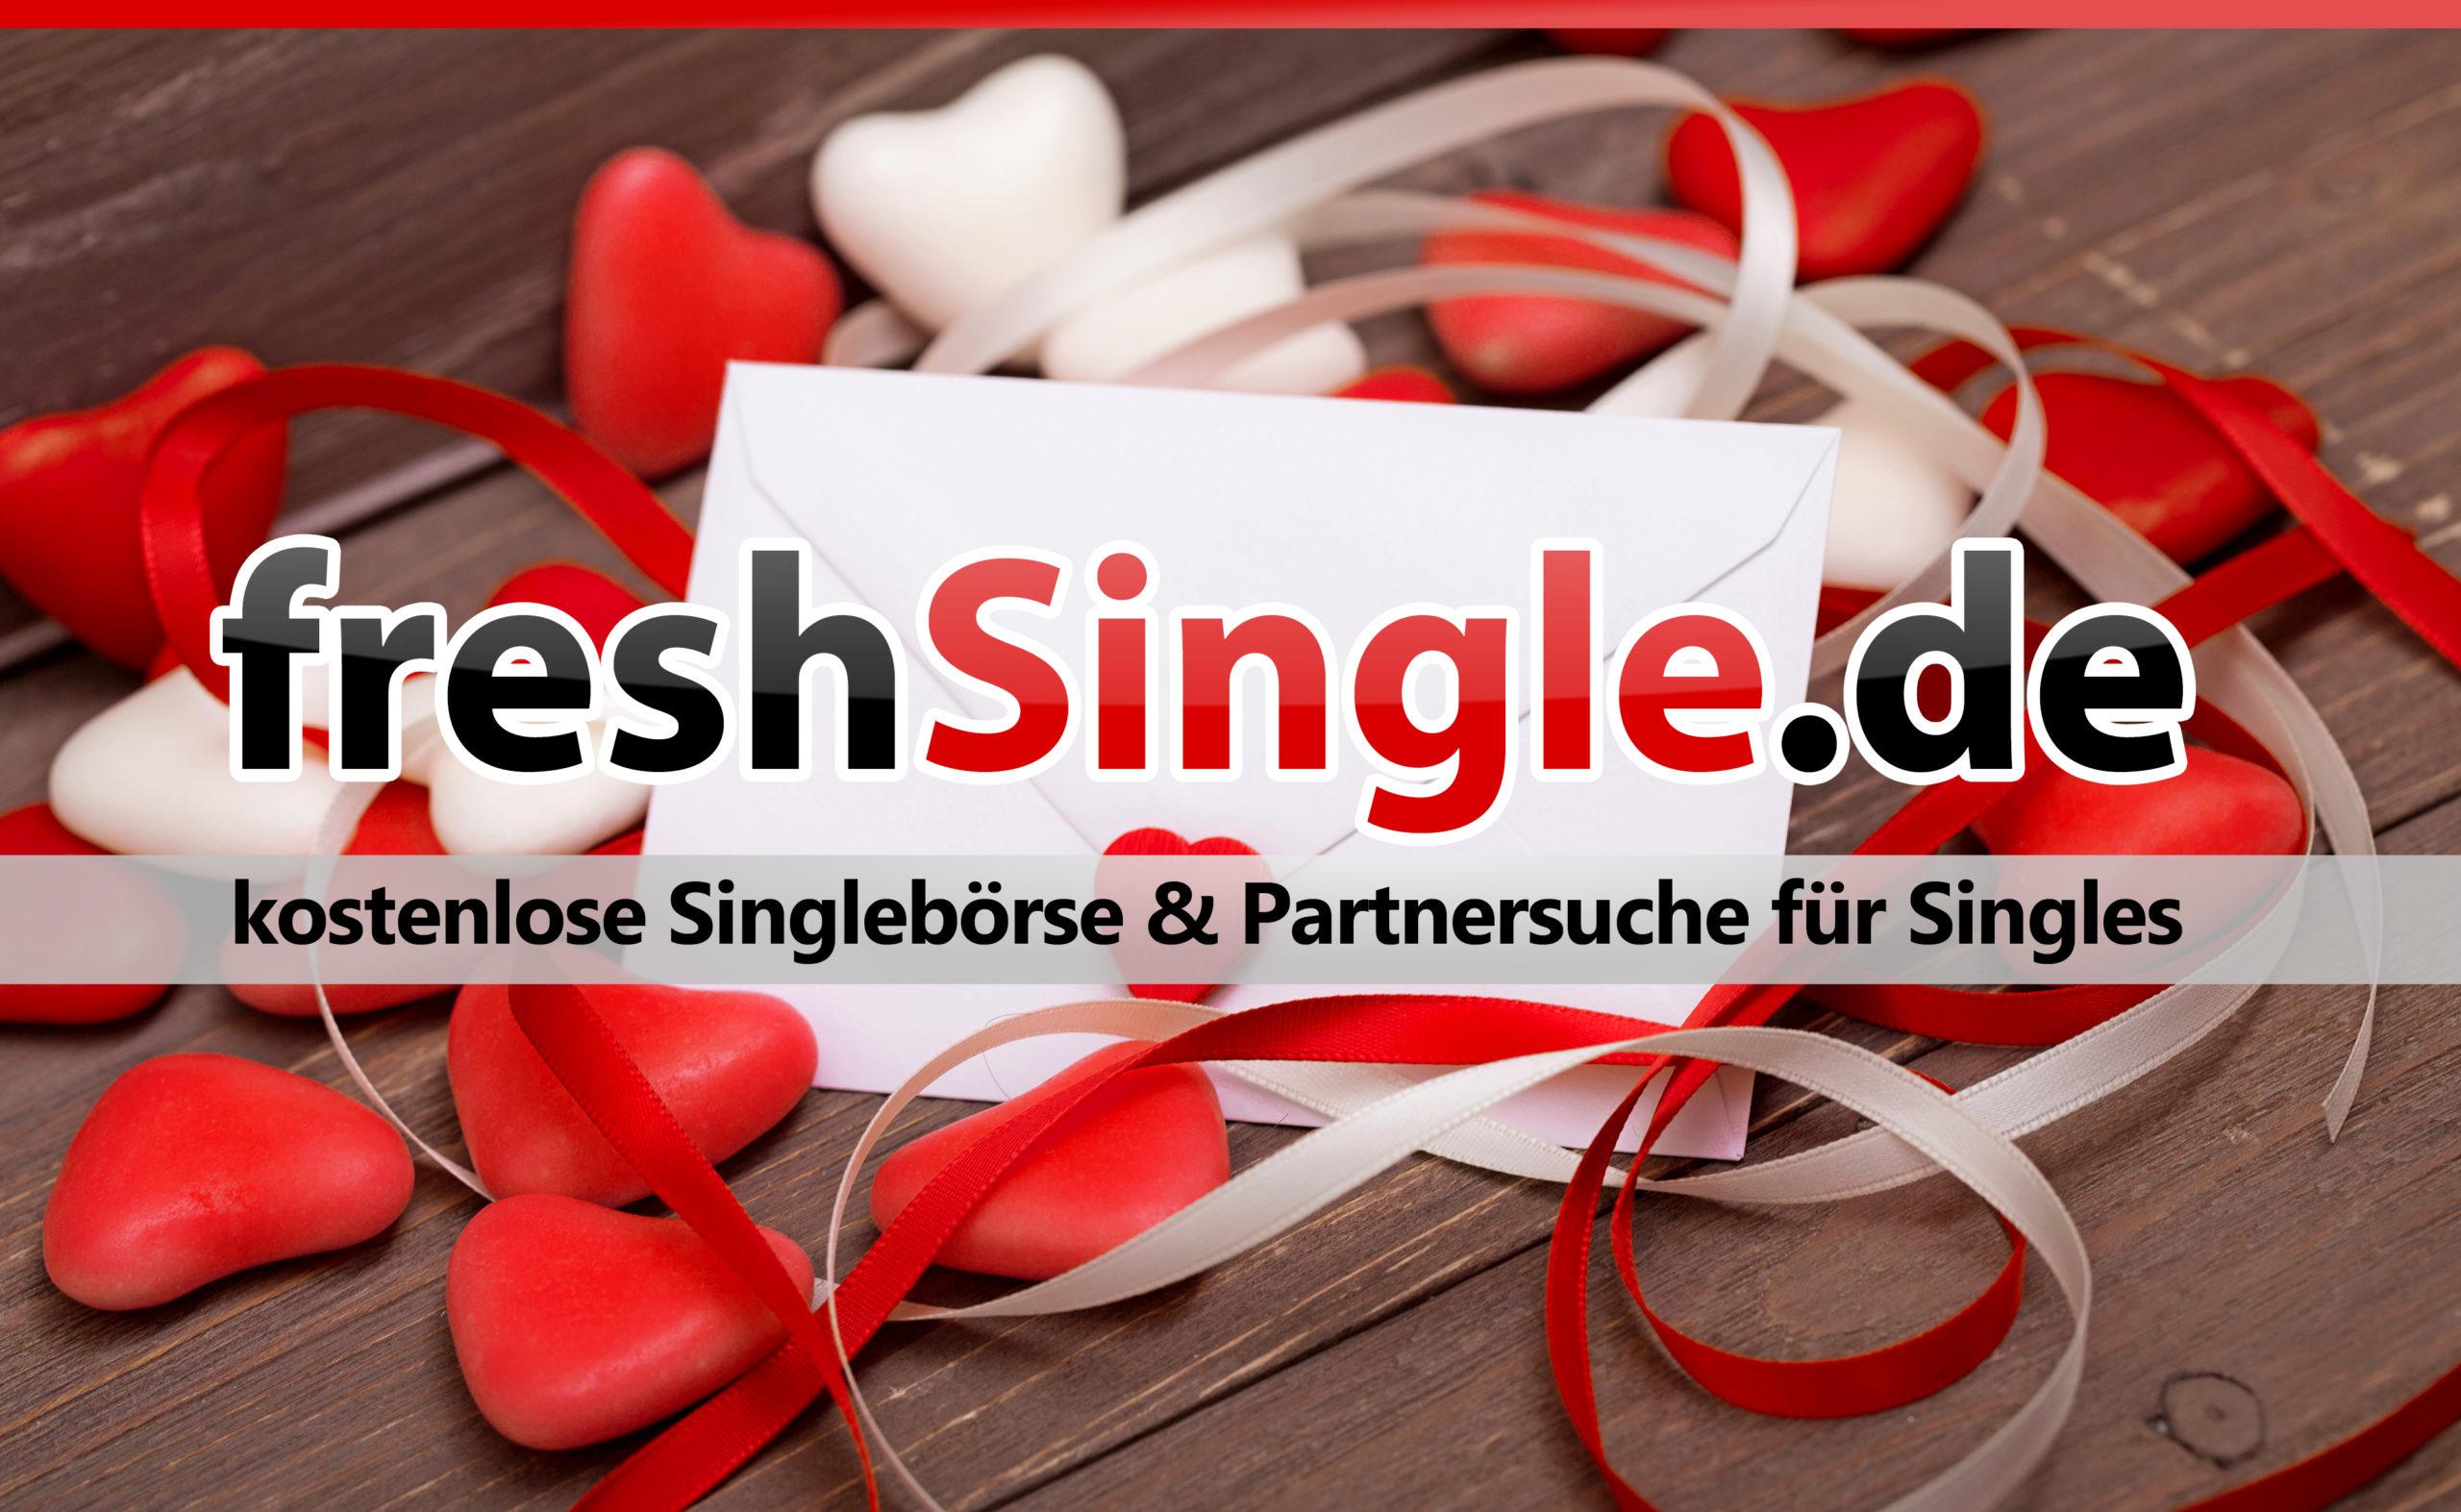 Single de suche singlesuche